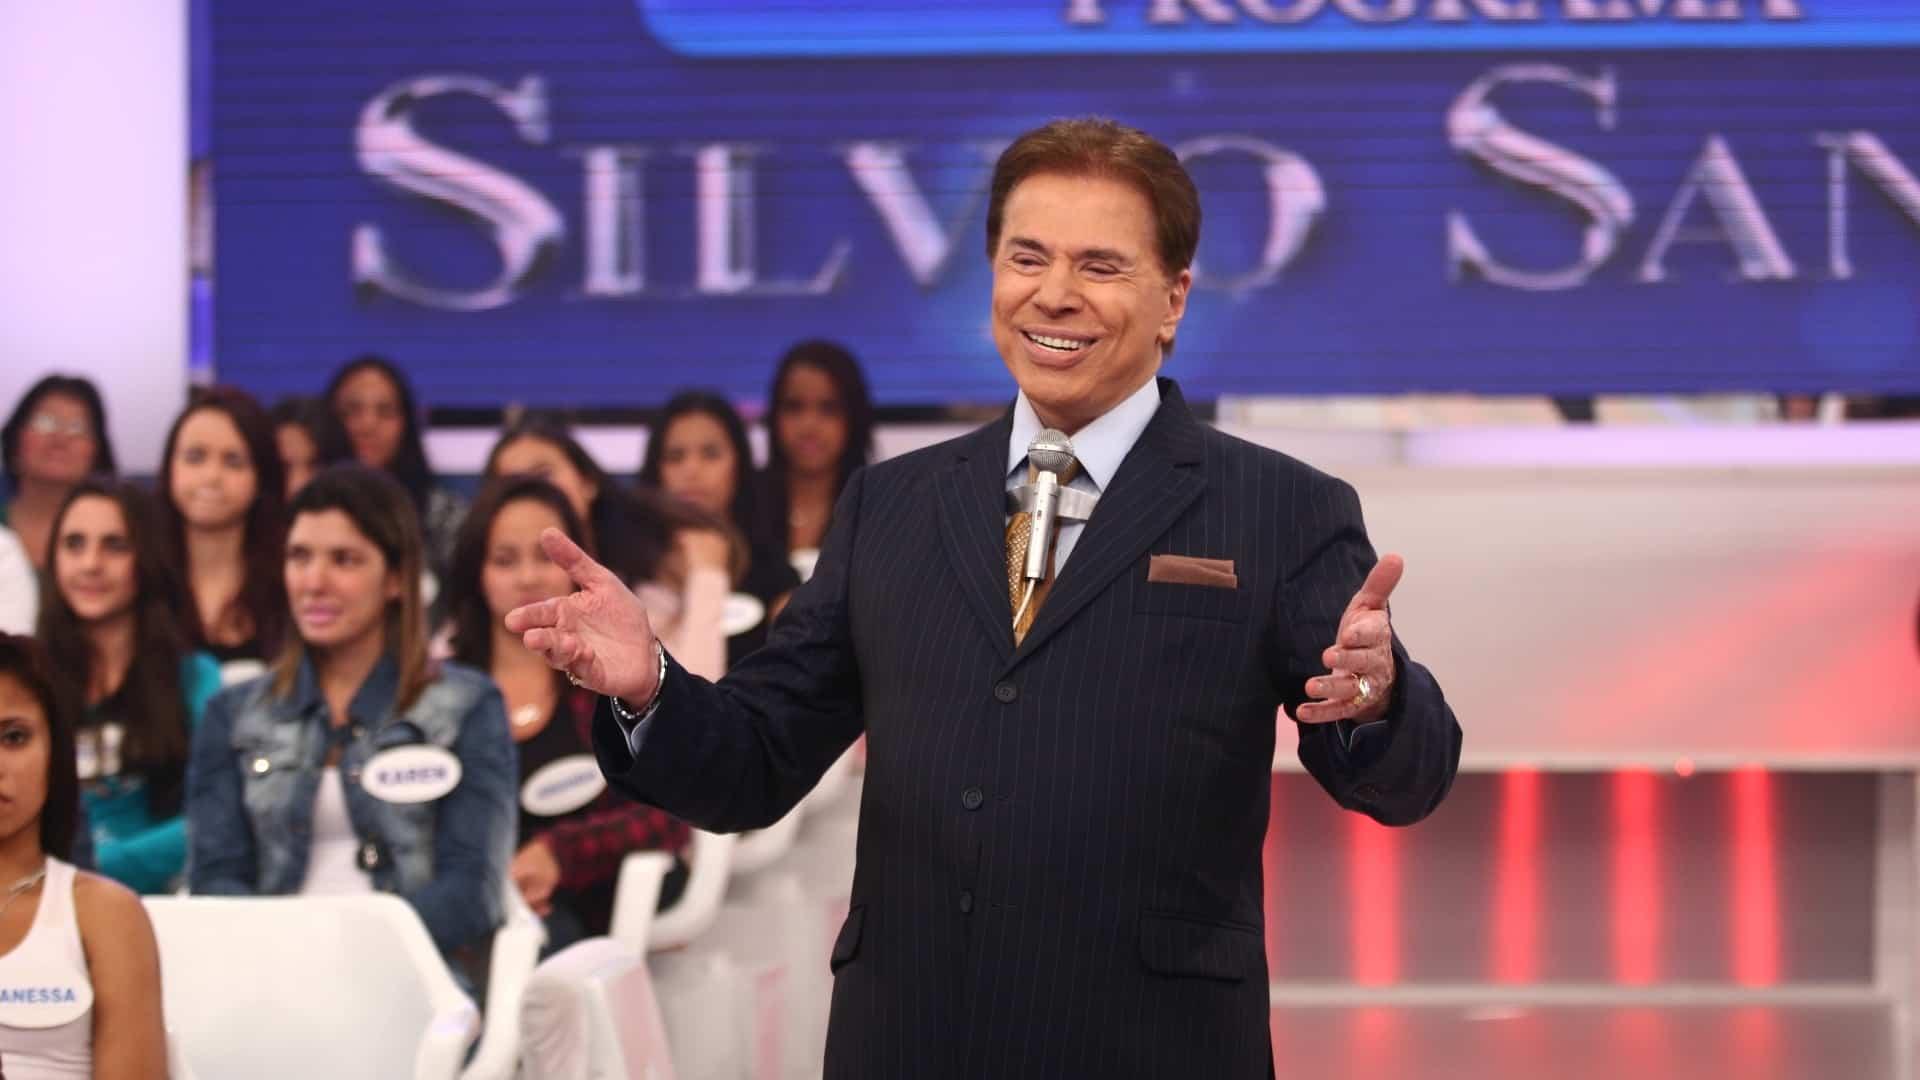 http://rd1.ig.com.br/wp-content/uploads/2013/03/silvio-santos.jpg